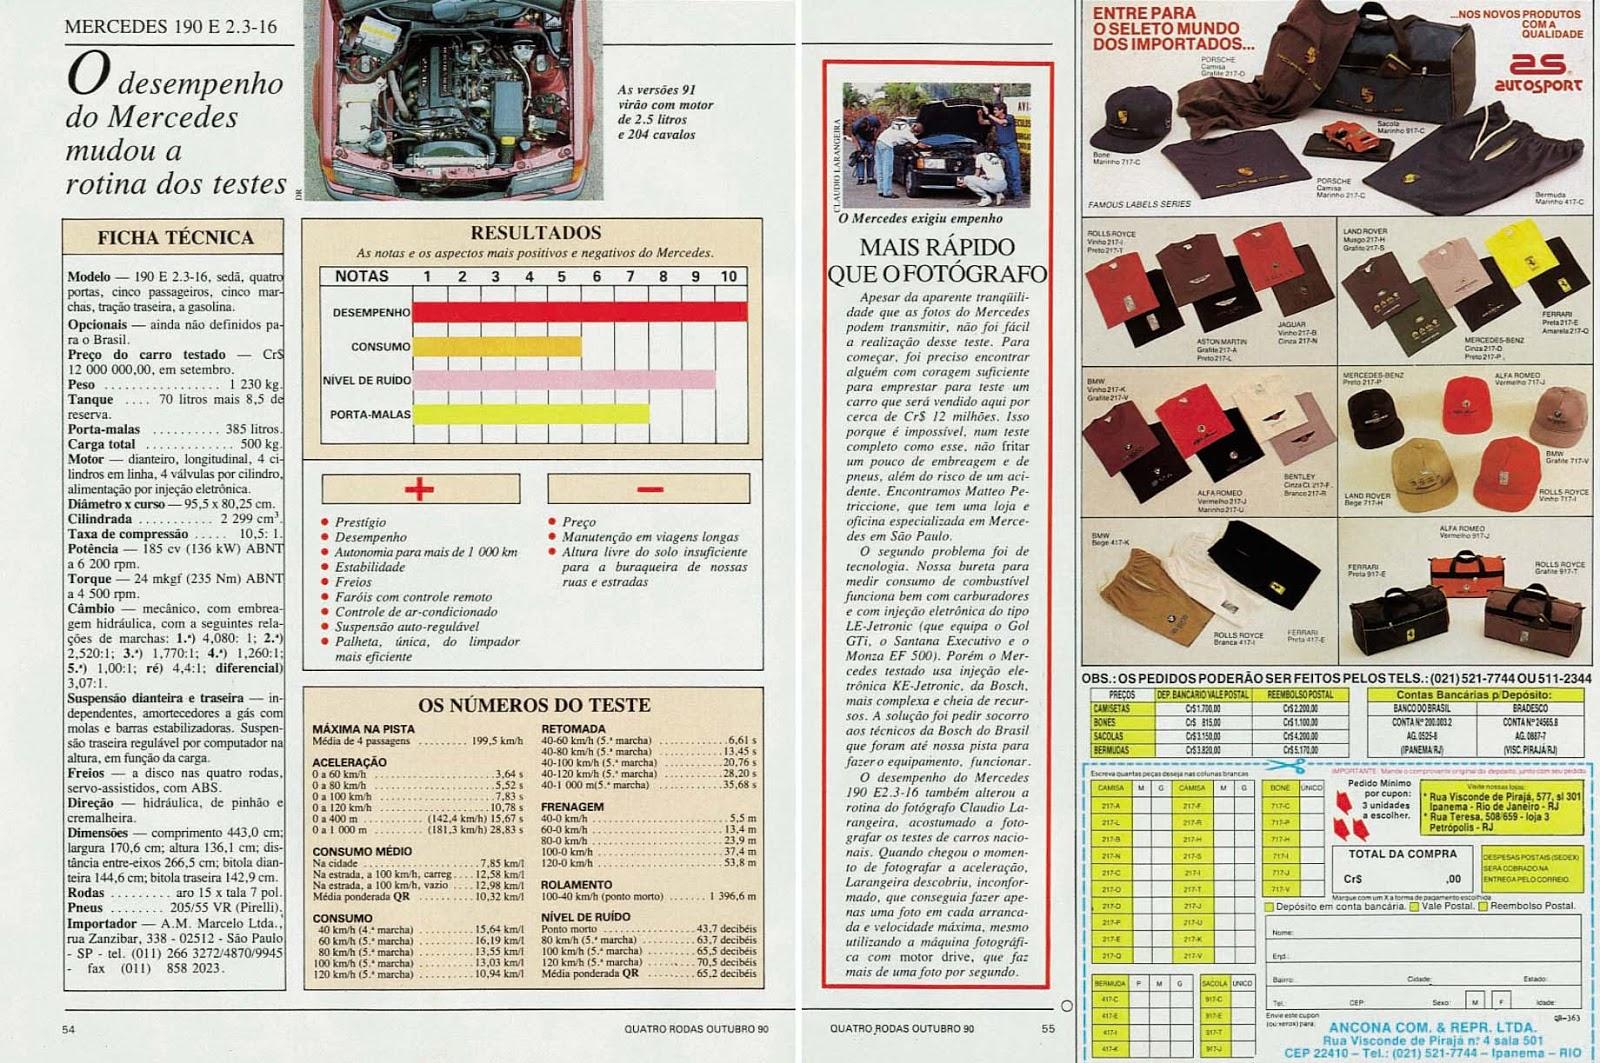 (W201): Avaliação Revista Quatro Rodas - outubro de 1990 - 190E 2.3 363%252C055%252C31%252C10%252CTE